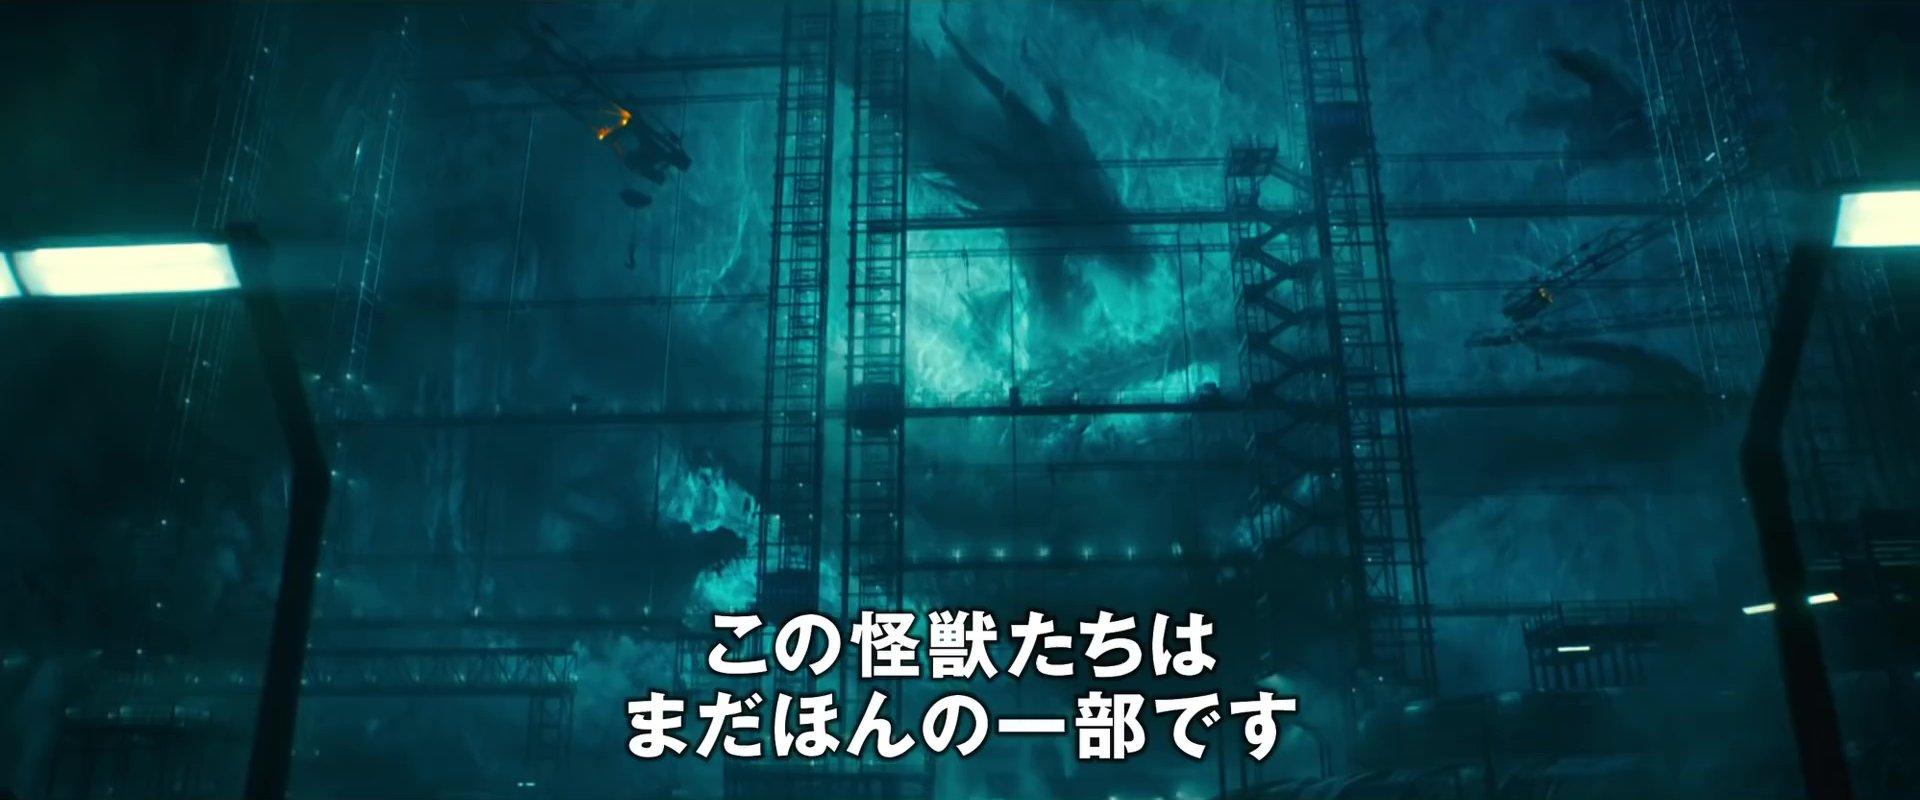 『ゴジラ キング・オブ・モンスターズ』より カチコチギドラ